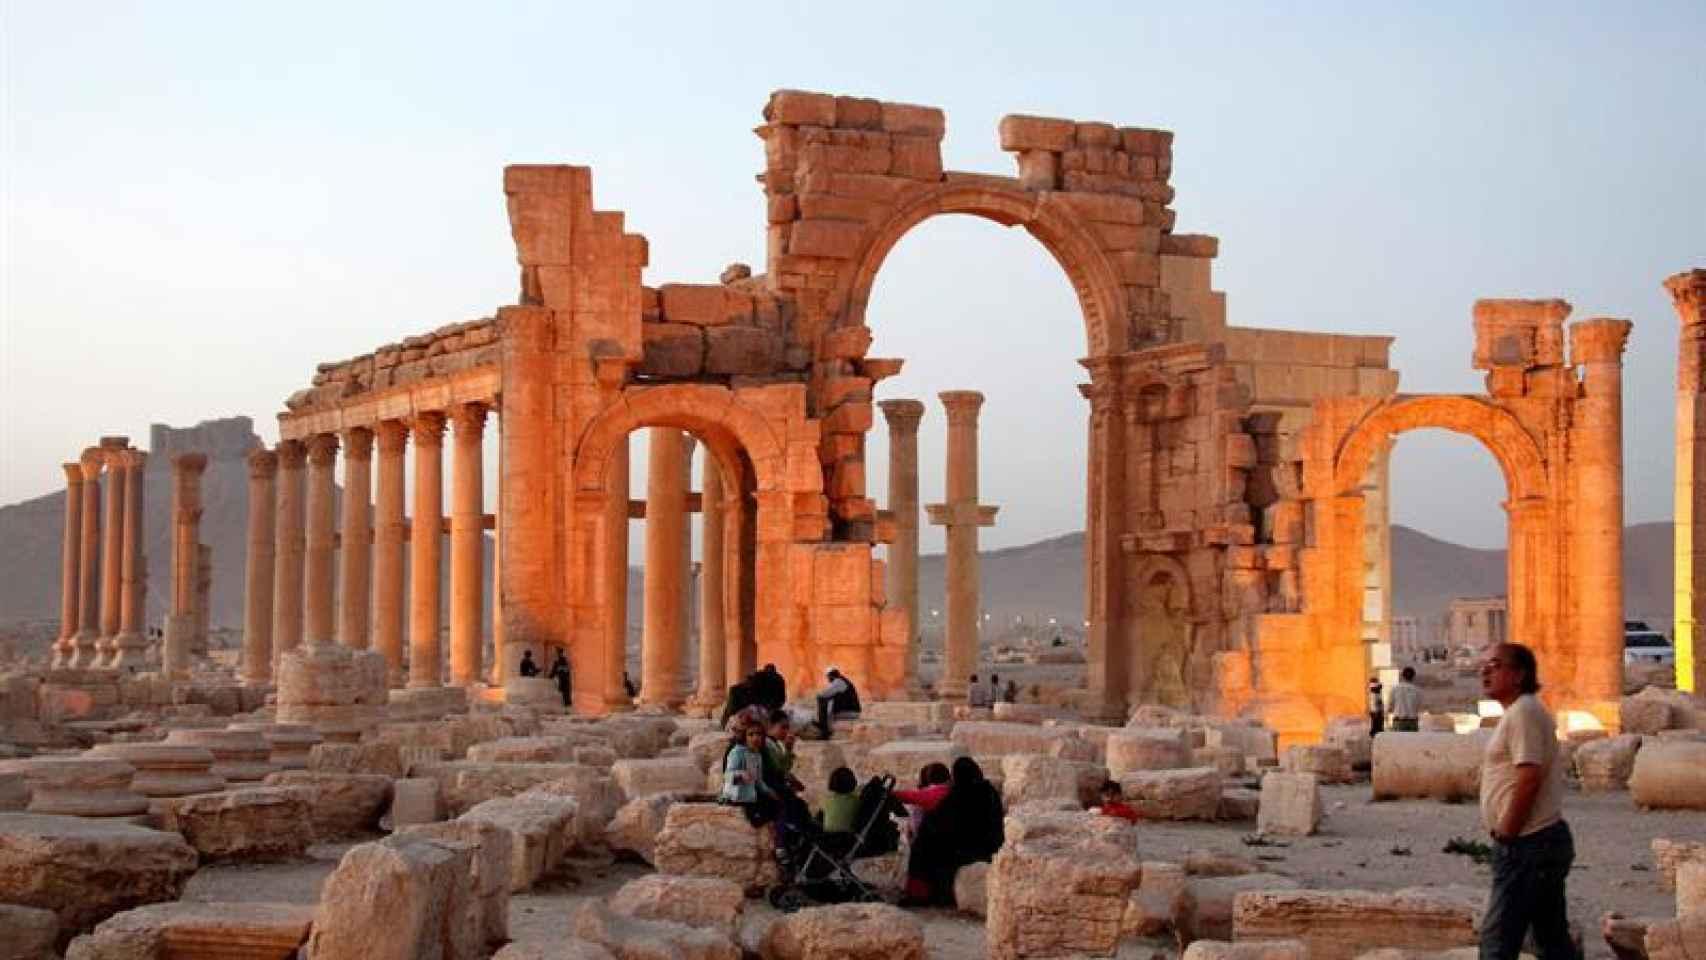 La ciudad histórica de Palmira, en el centro de Siria.